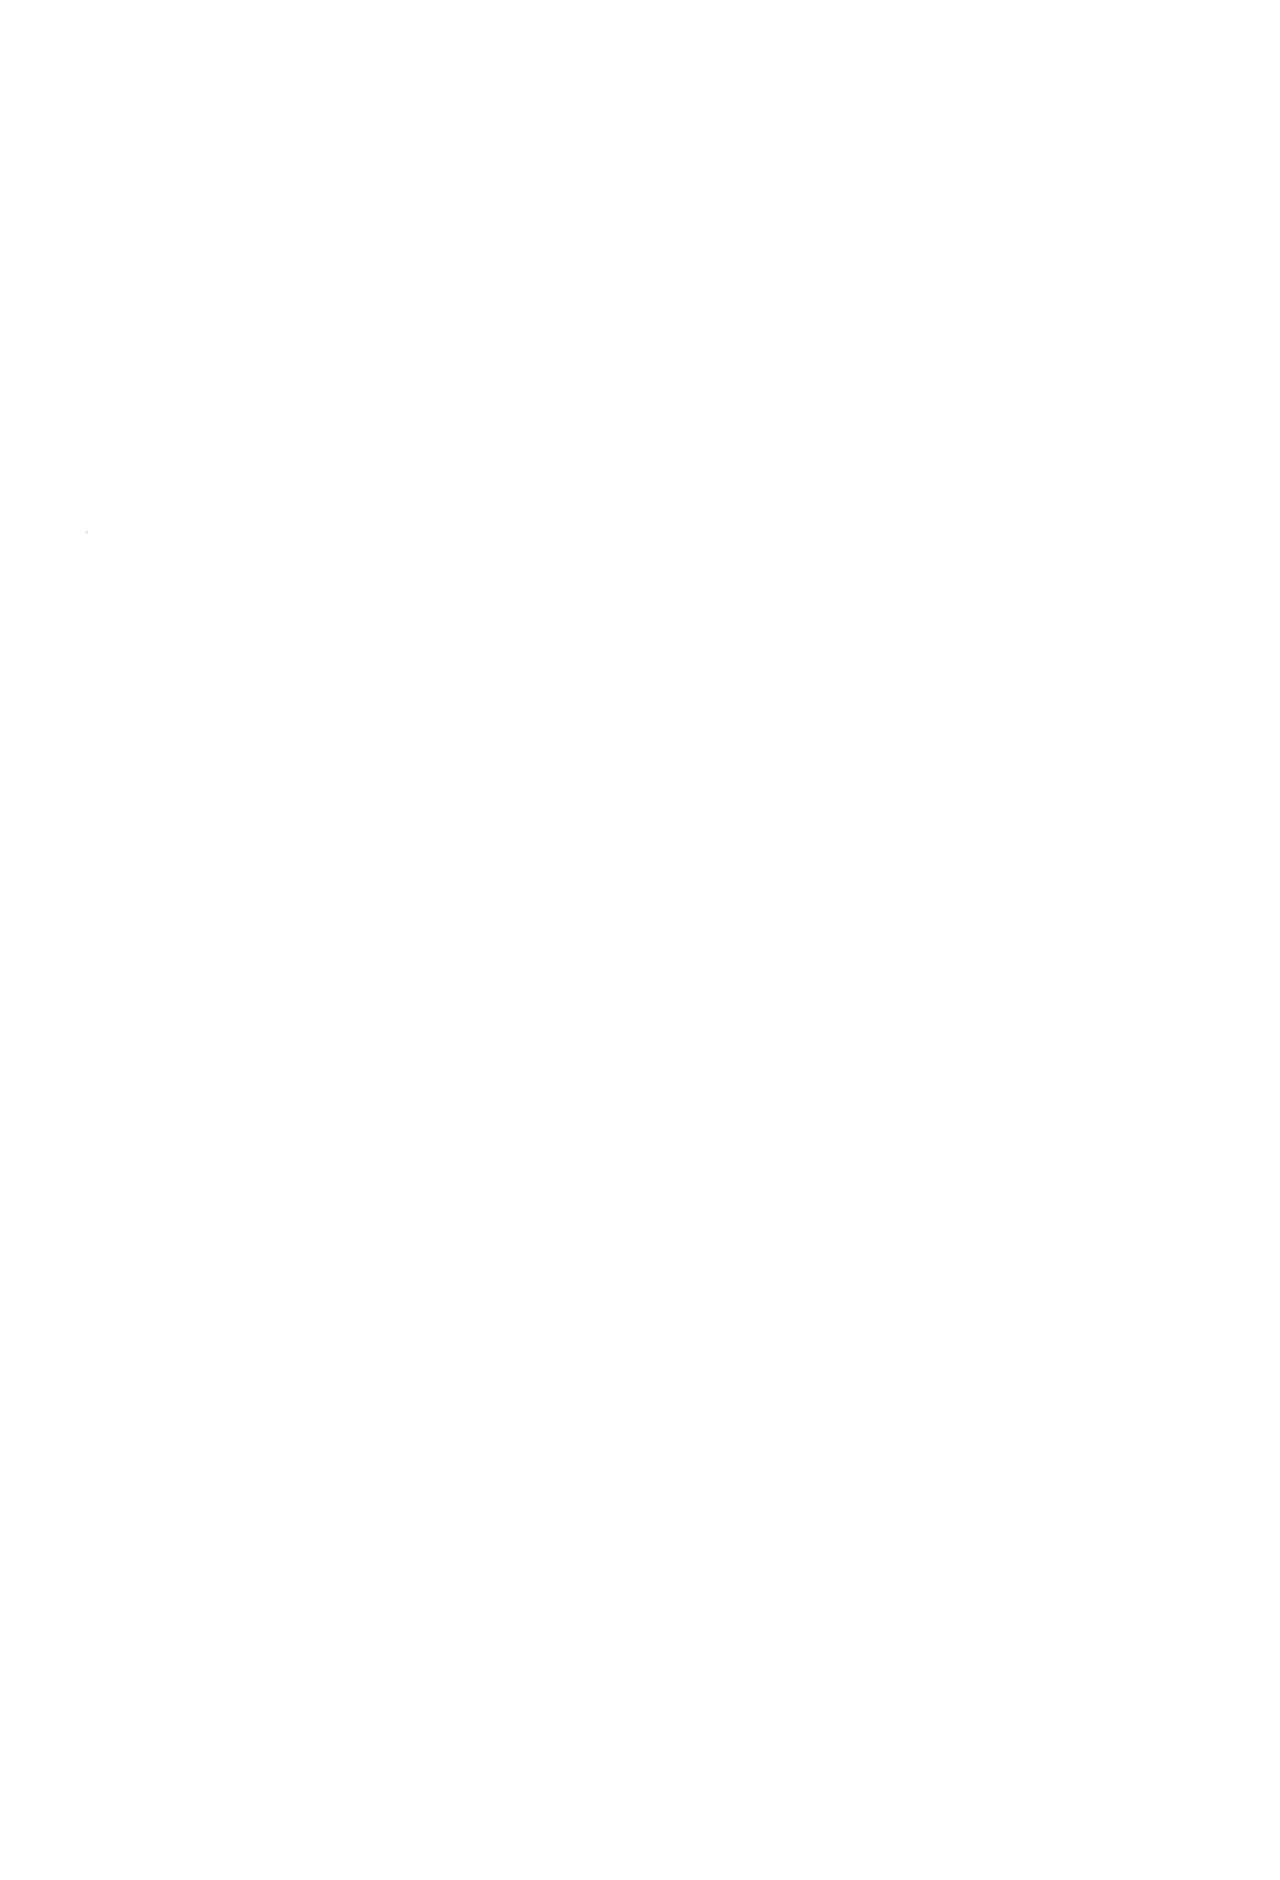 (C96) [Shichiten Battou (Miyasaka Takaji)] Uchi no Tonari no Shougakusei wa Kinpatsu Hekigan Ecchi-zuki | The Blonde-haired, Blue-Eyed Elementary Schooler Next Door Loves Sex [English] =TLL + mrwayne= 22